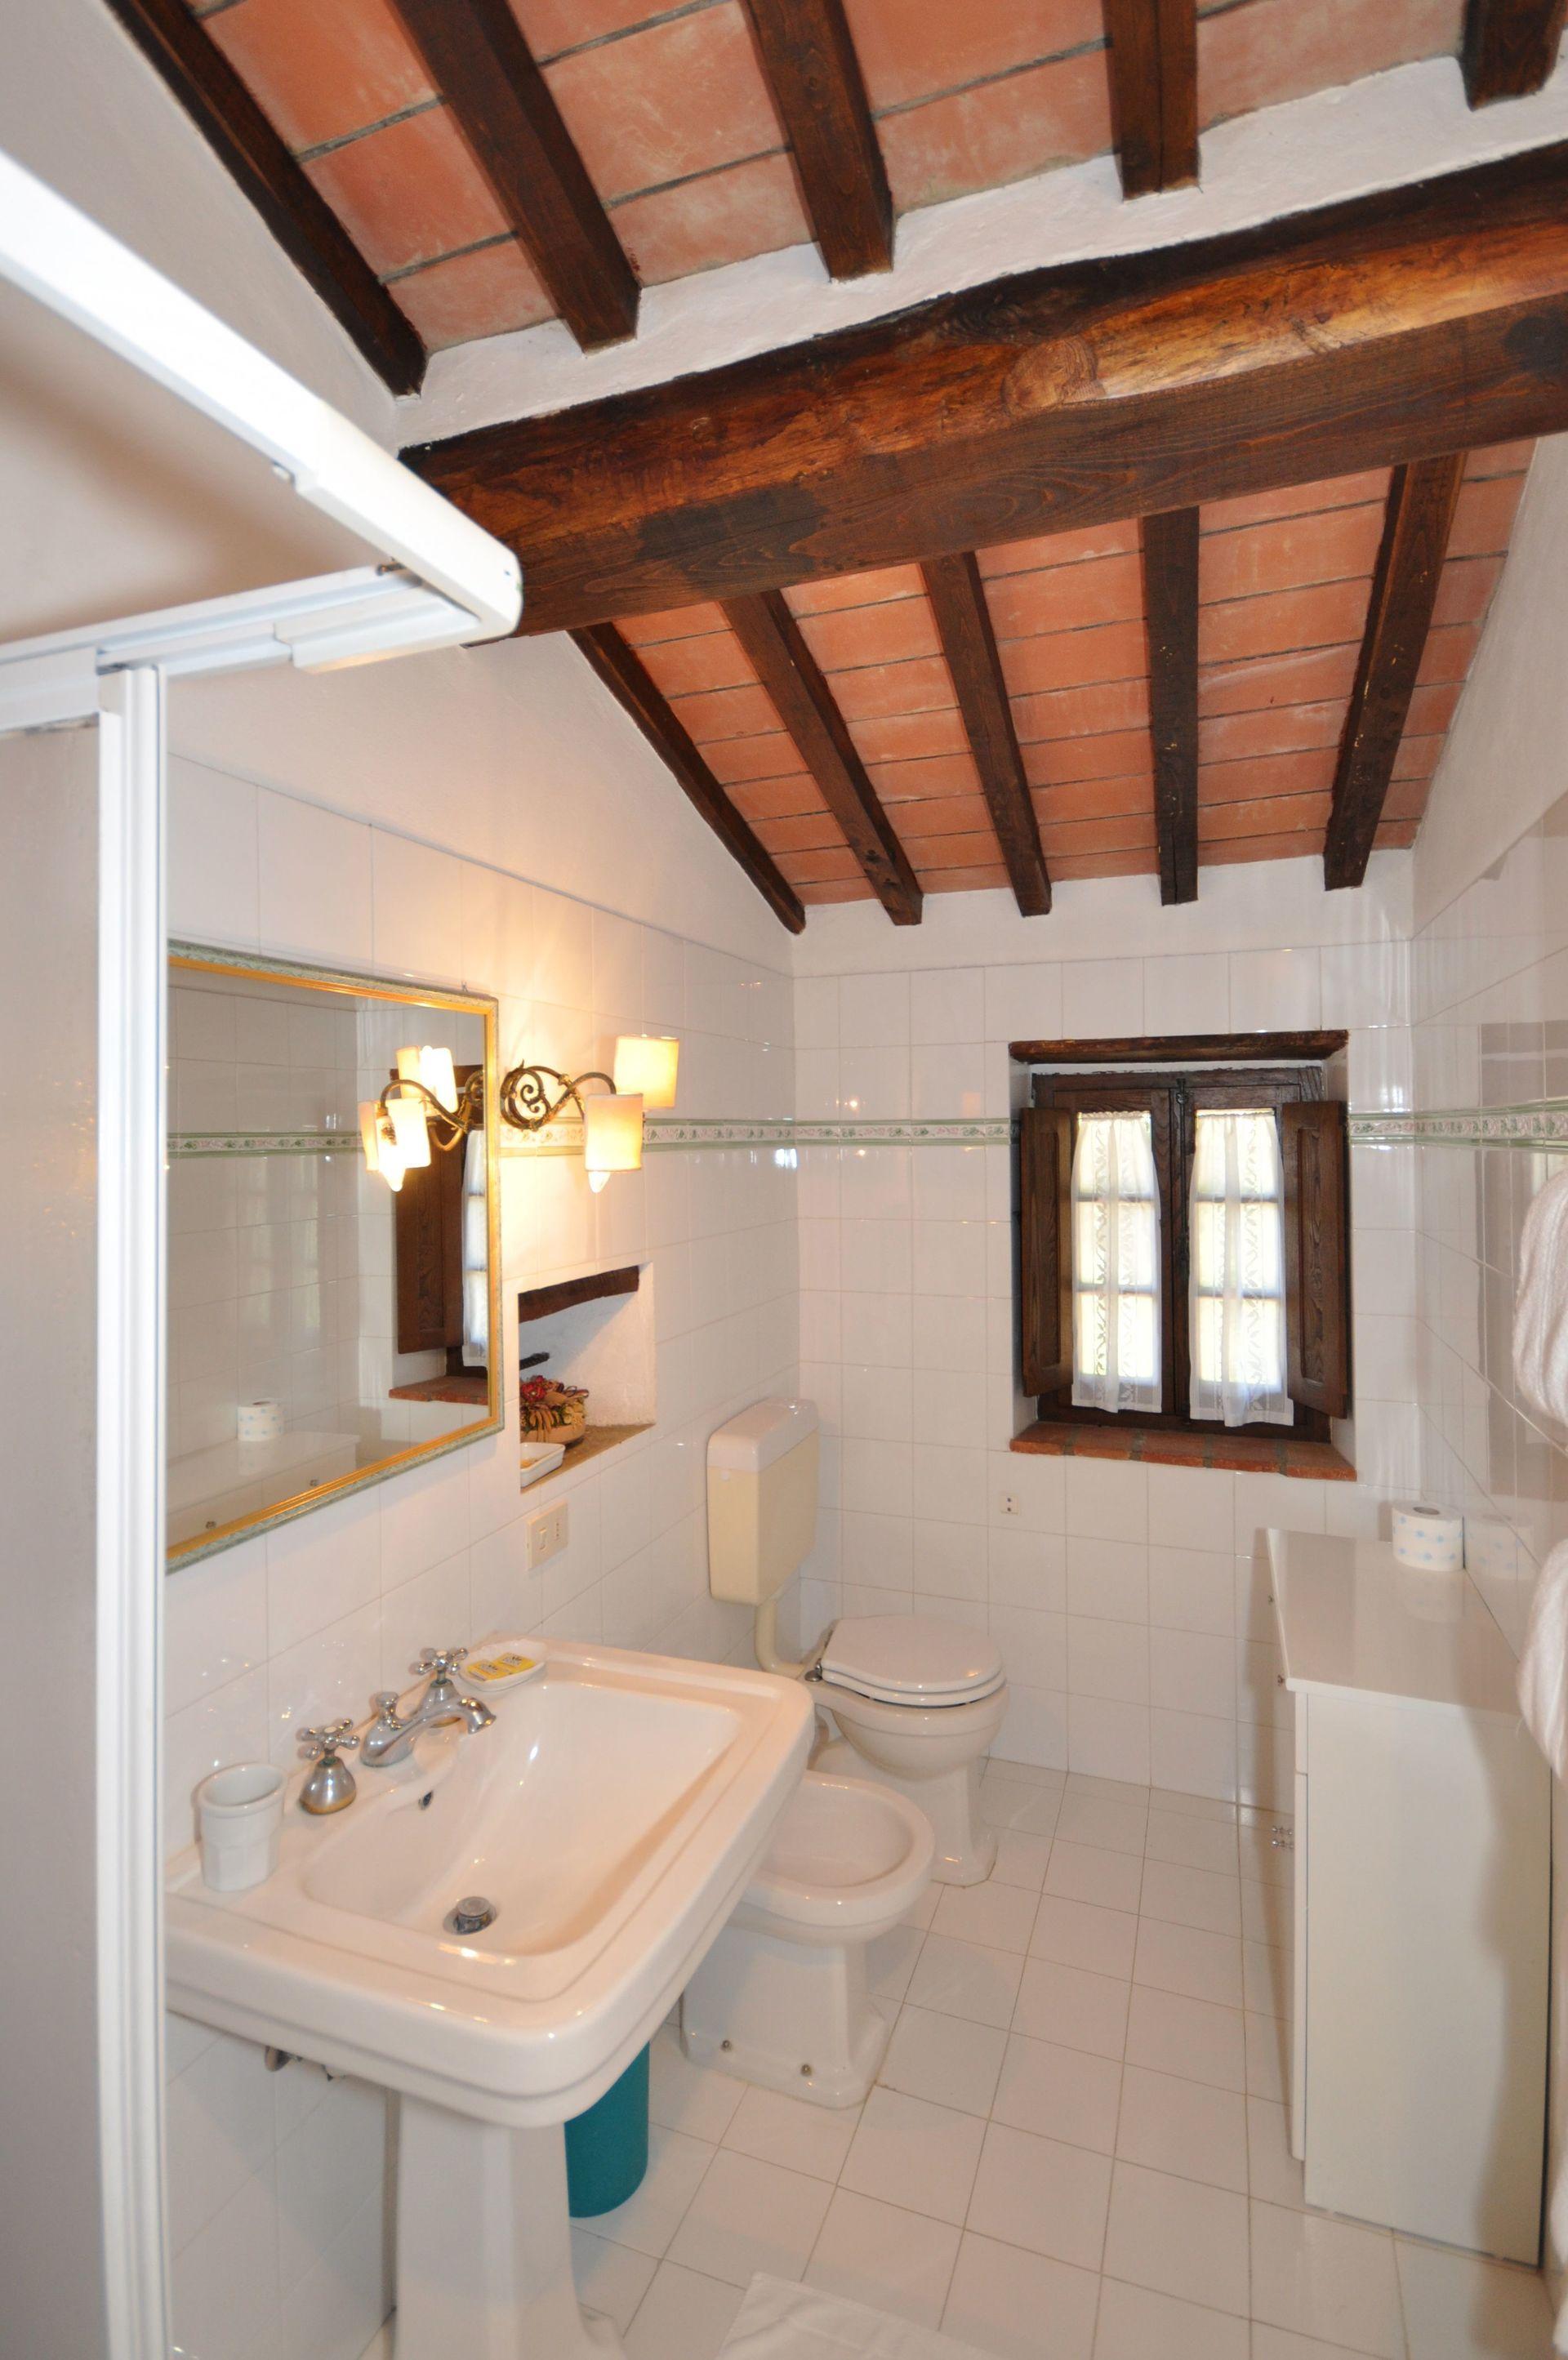 Castagno 1 posti letto 4 in 1 camere casa vacanza a for 5 camere da letto 4 bagni